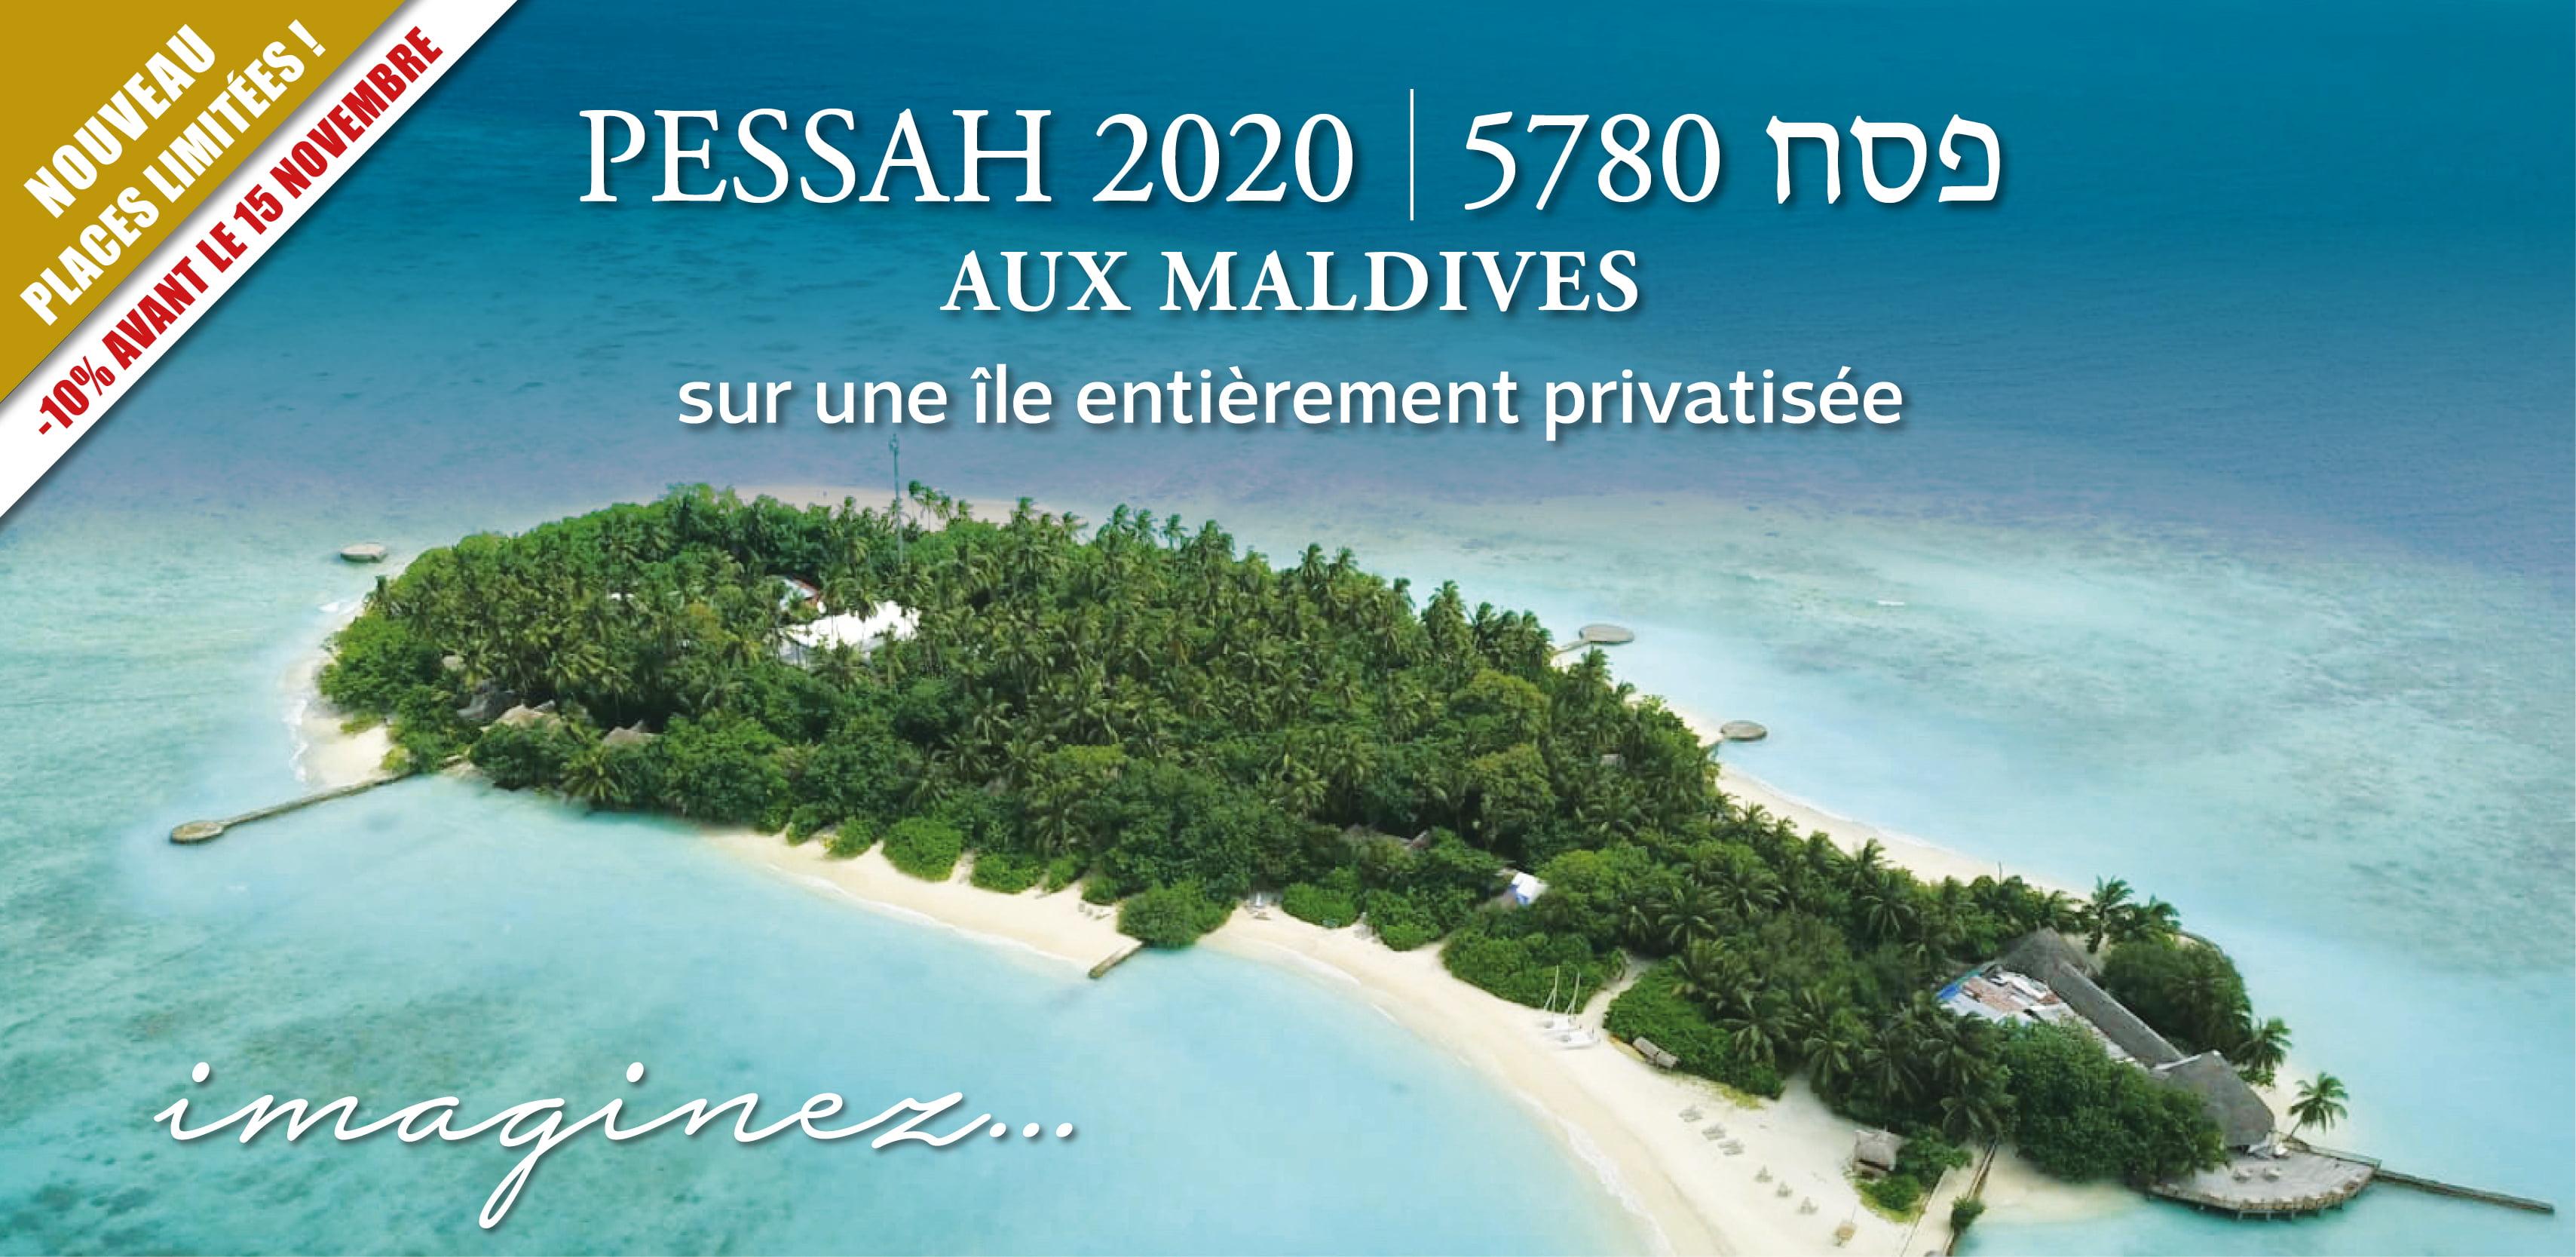 Pessah 2020 aux Maldives sejour d'exception